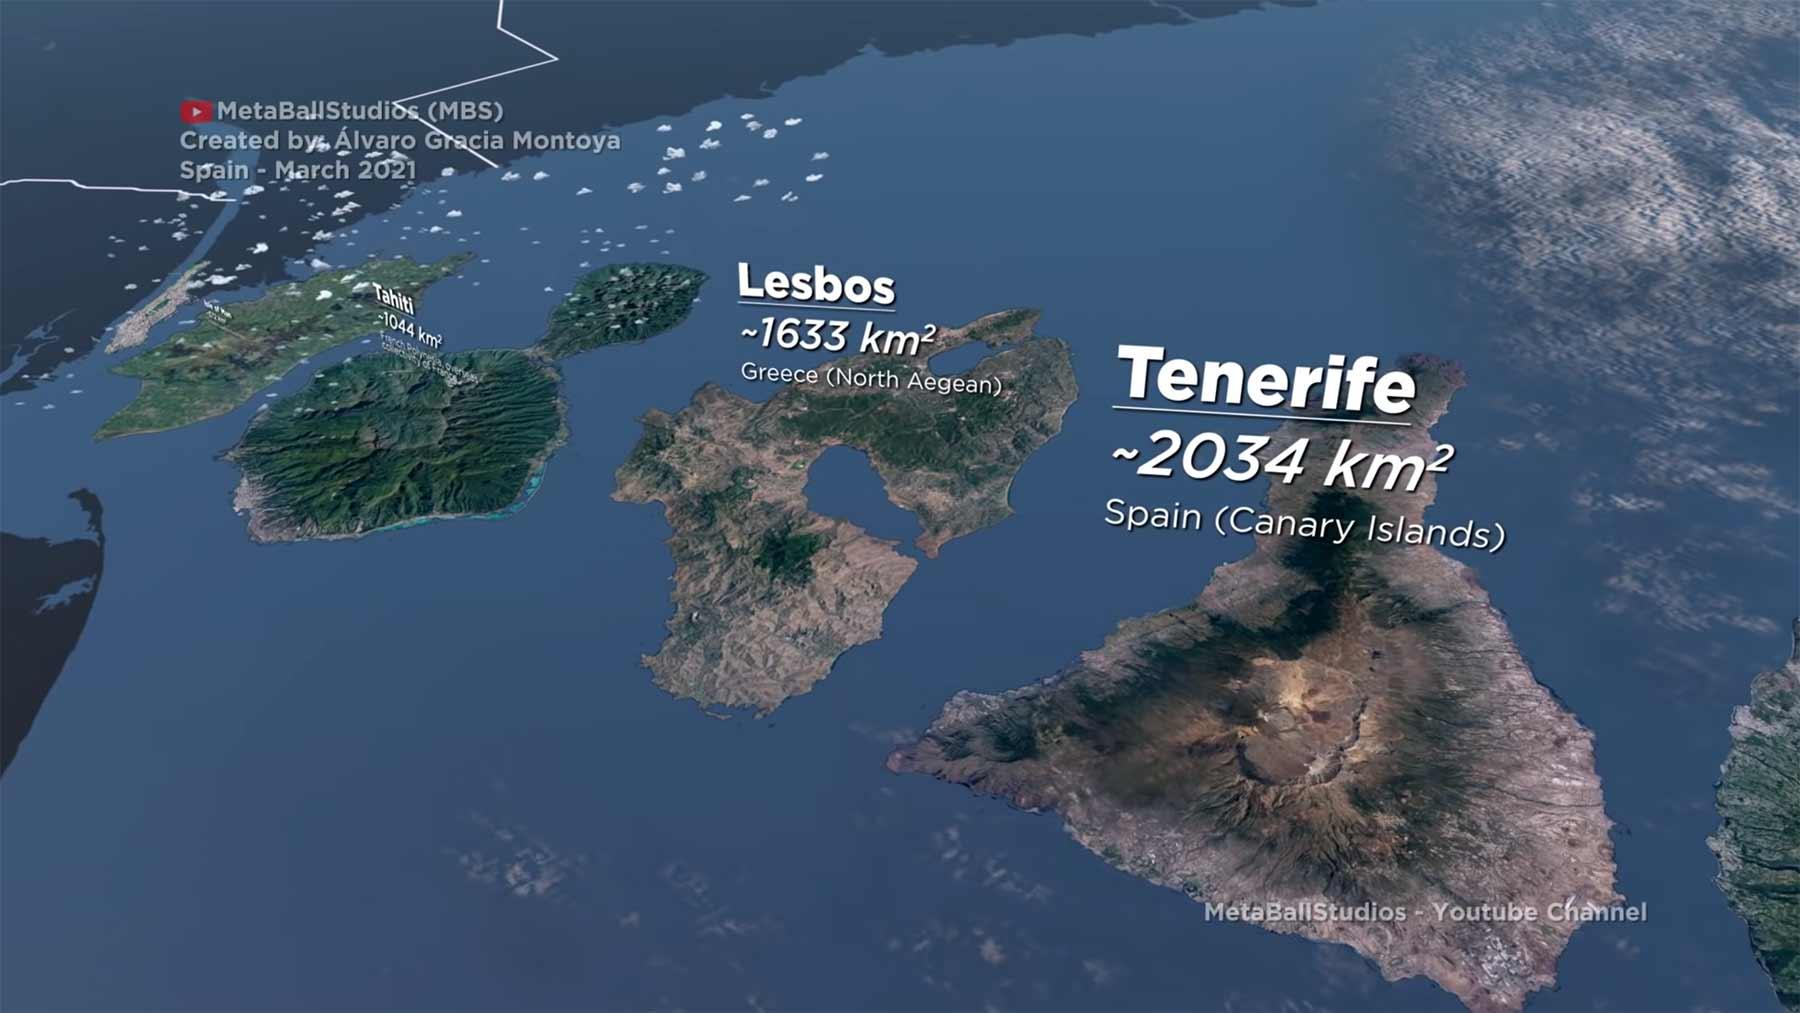 Inseln im Größenvergleich dargestellt